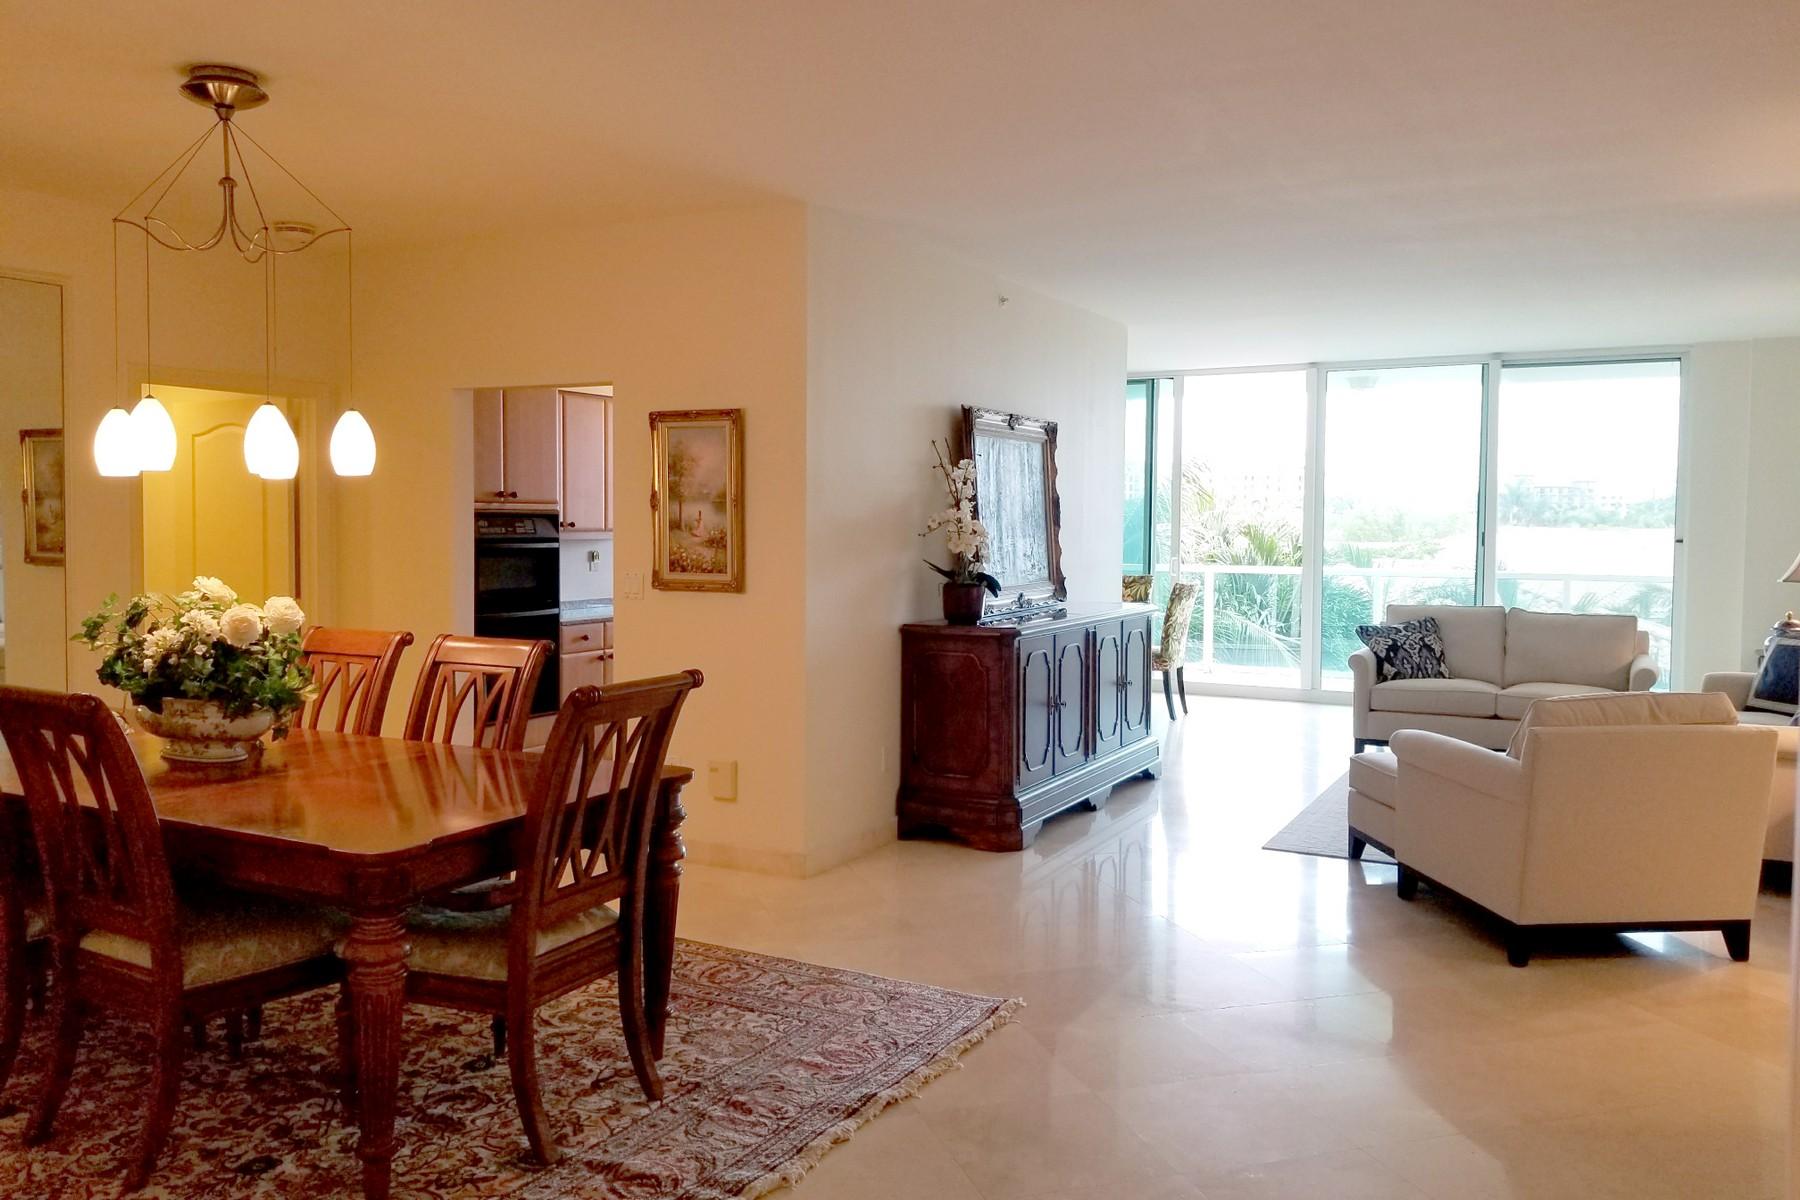 Condominio por un Alquiler en 500 SE Mizner Blvd , A302, Boca Raton, FL 33432 500 SE Mizner Blvd A302, Boca Raton, Florida, 33432 Estados Unidos